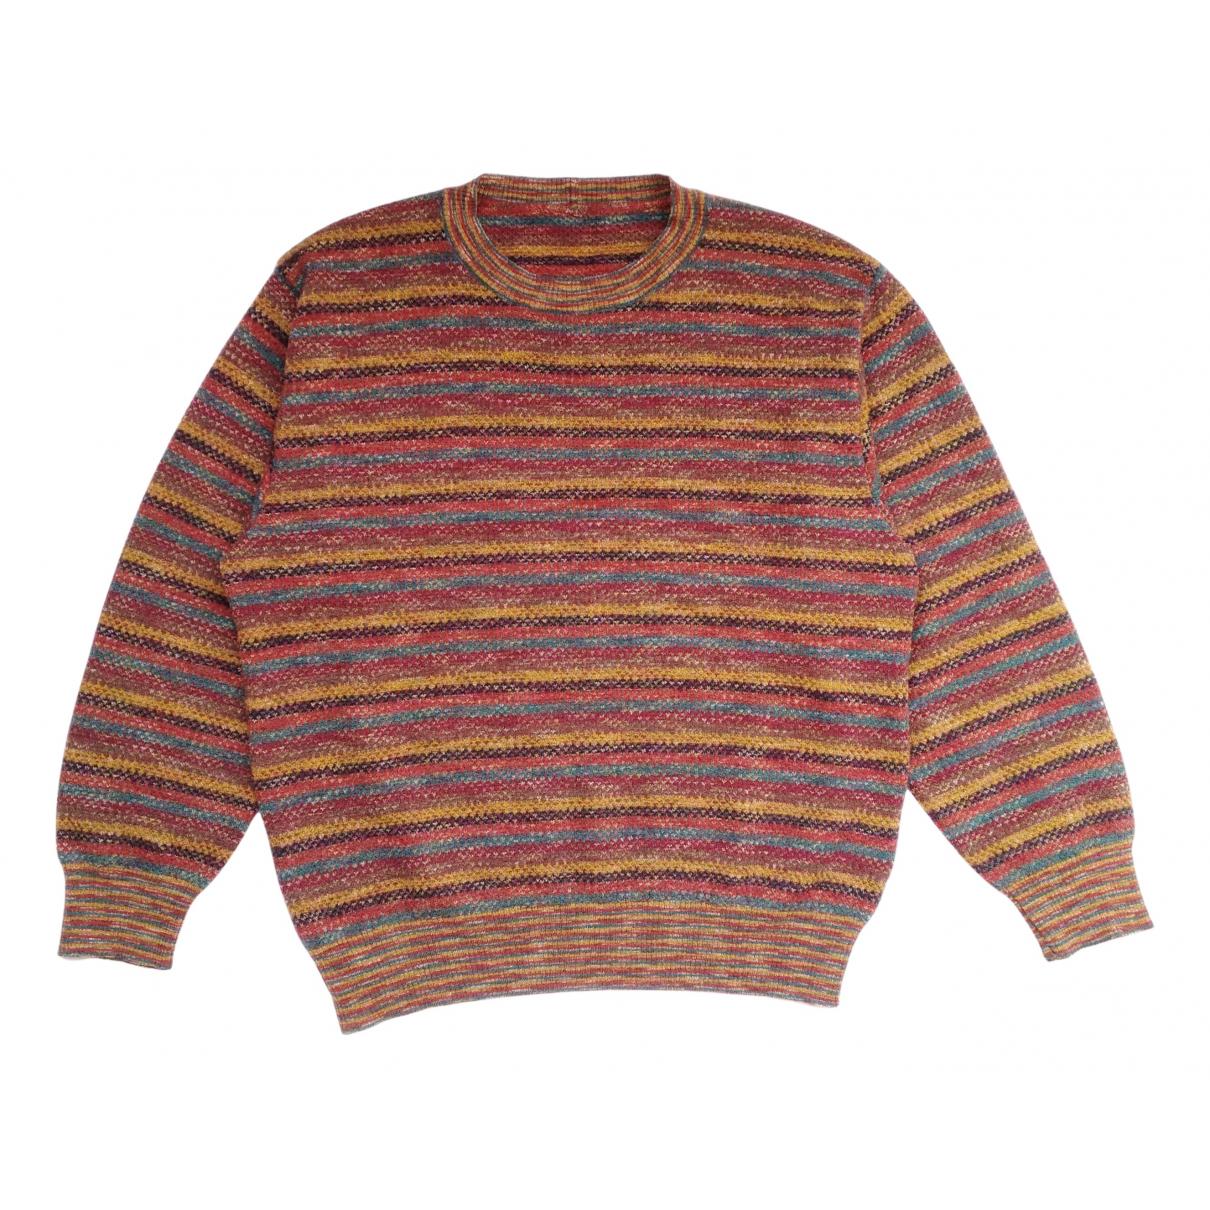 Missoni N Multicolour Wool Knitwear & Sweatshirts for Men 50 IT